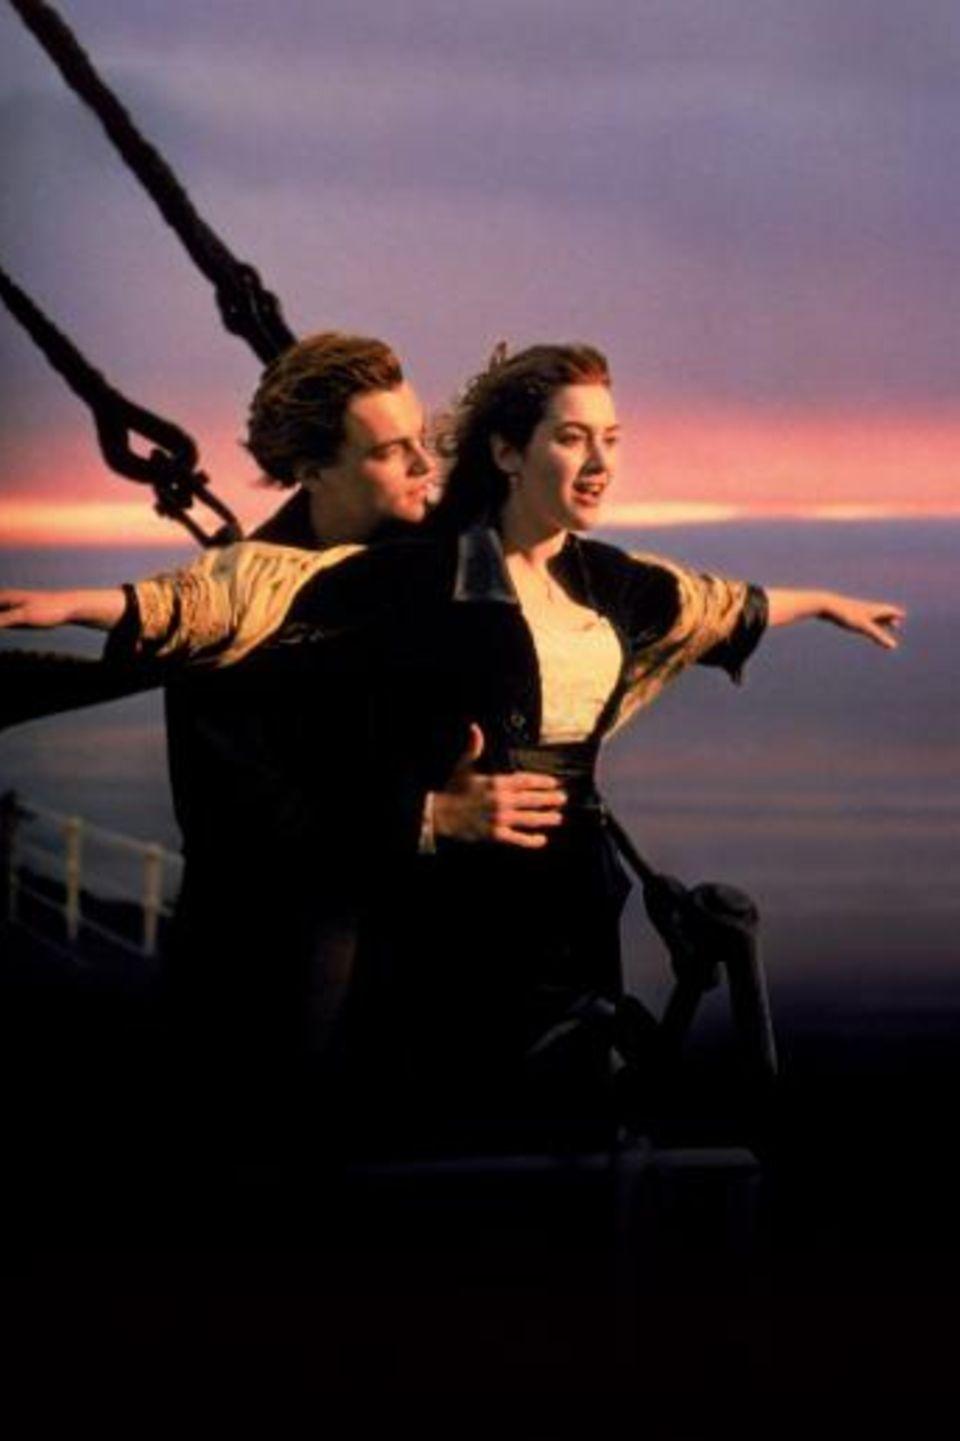 Ostersamstag 20:15 Uhr auf Sat.1: Titanic   James Camerons mit elf Oscars prämiertes Meisterwerk erzählt von der Jungfernfahrt der Titanic, dem größten Passagierdampfschiff seiner Zeit im Jahr 1912. An Bord verliebt sich der mittellose Jack in die wohlhabende, verlobte Rose. Es beginnt eine romantische Liebesgeschichte zwischen den beiden, die jäh von einer Katastrophe erschüttert wird: Die Titanic rammt einen Eisberg und beginnt zu sinken.